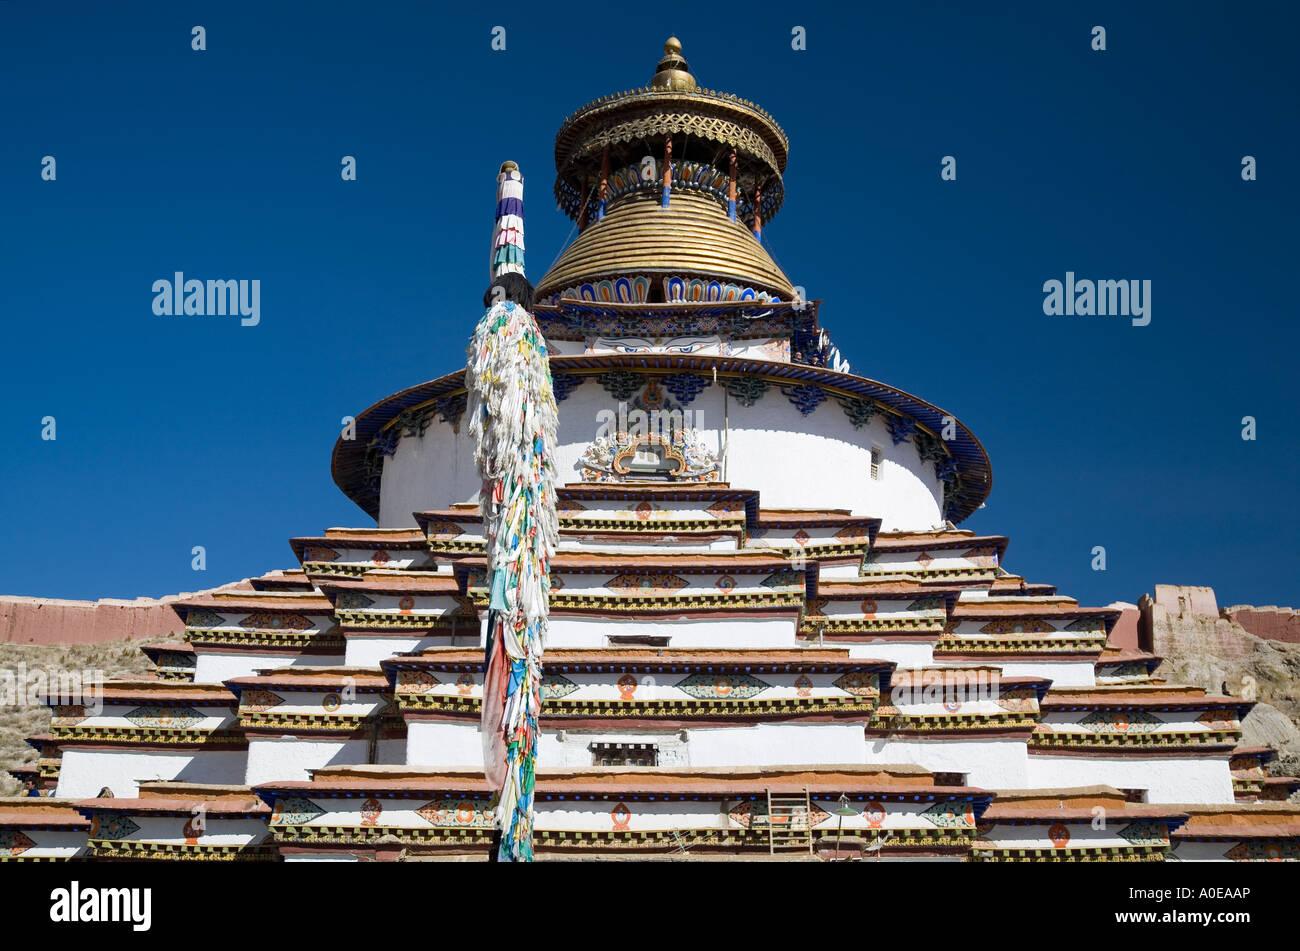 Kumbum Stupa - Gyangtse Tibet 4 - Stock Image